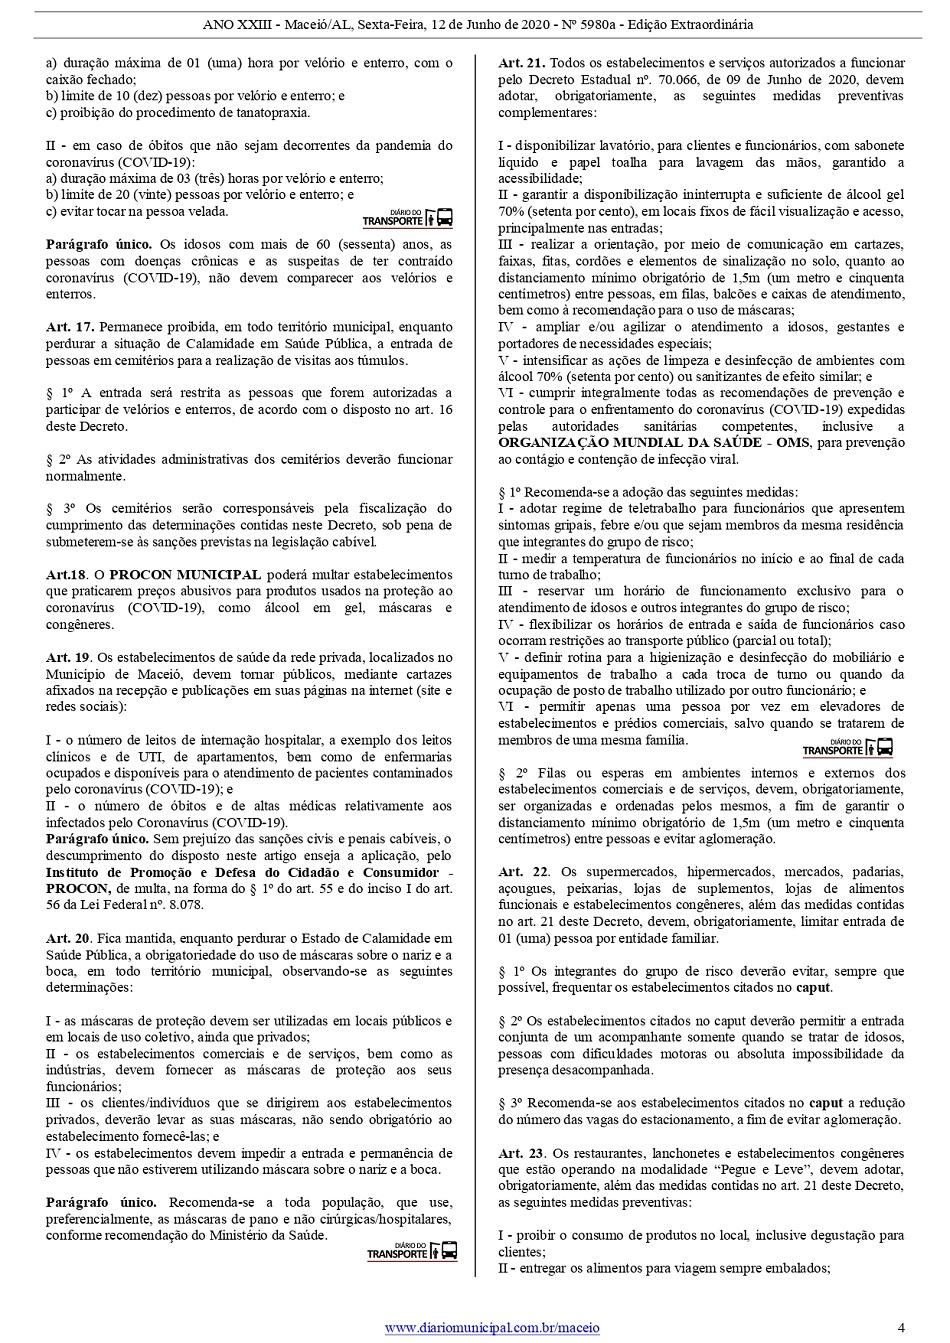 dec_8902_page-0004